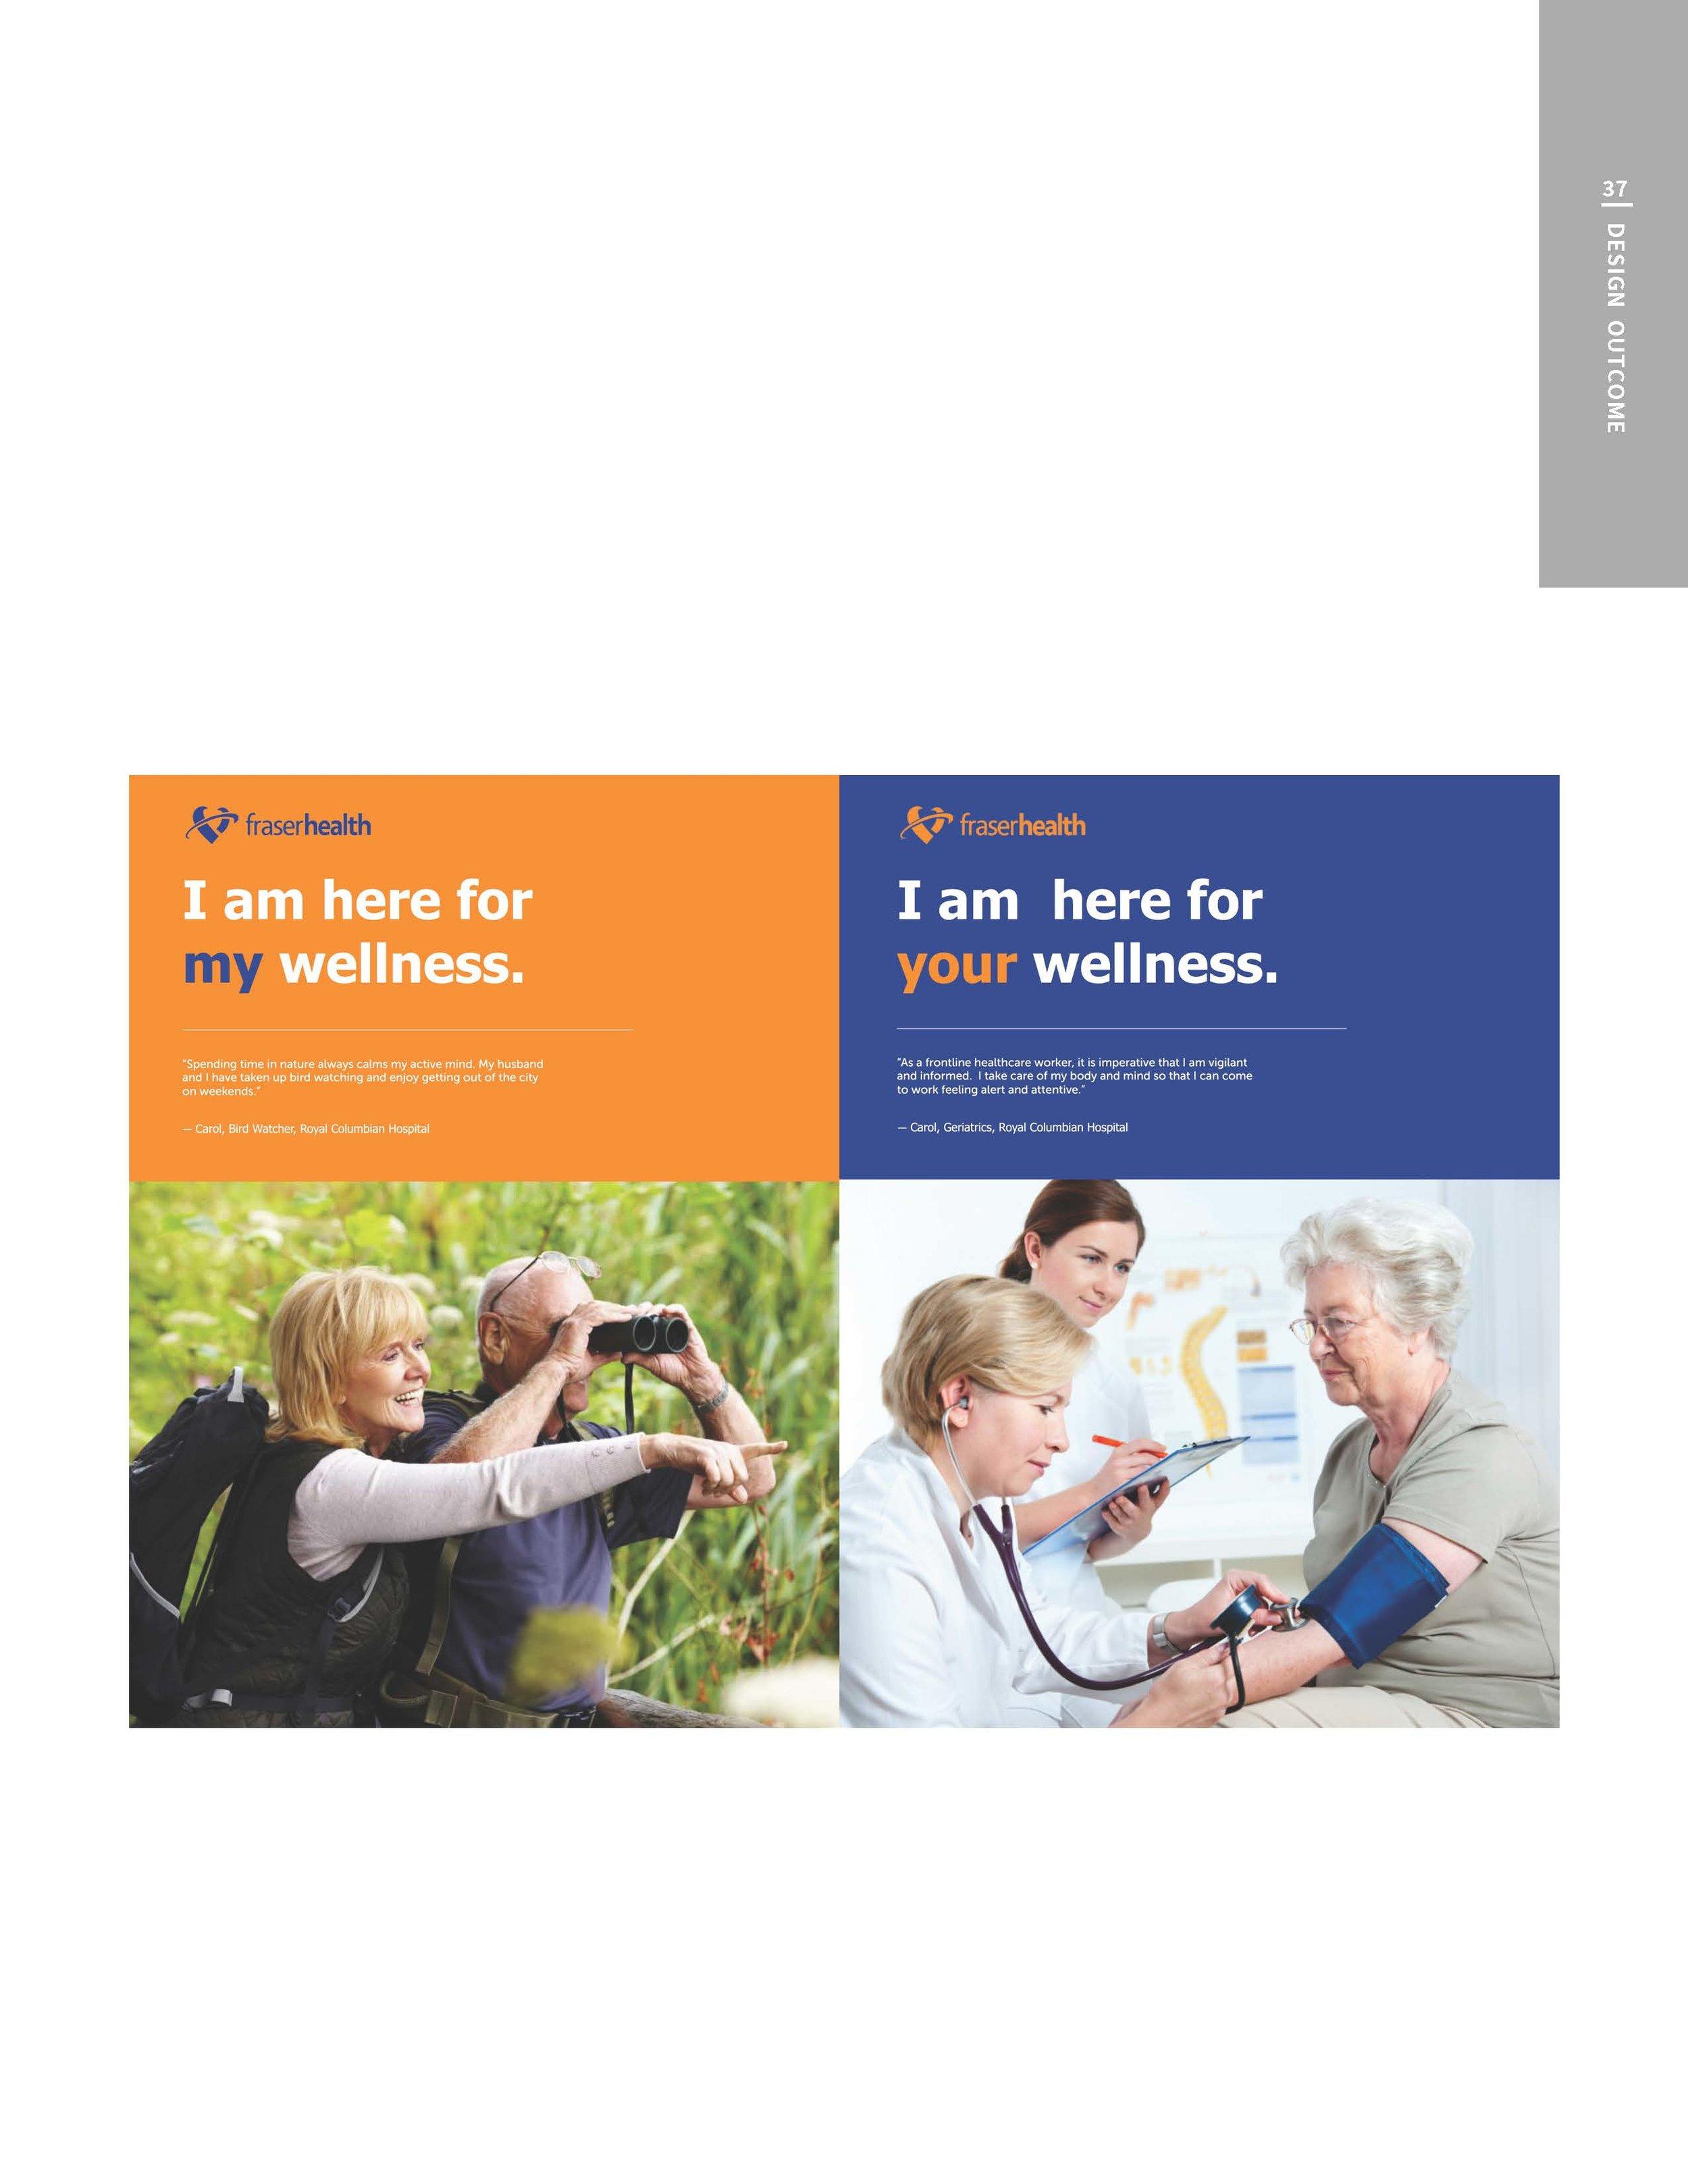 Copy of HDL_Fraser_Health_V4_Page_37.jpg